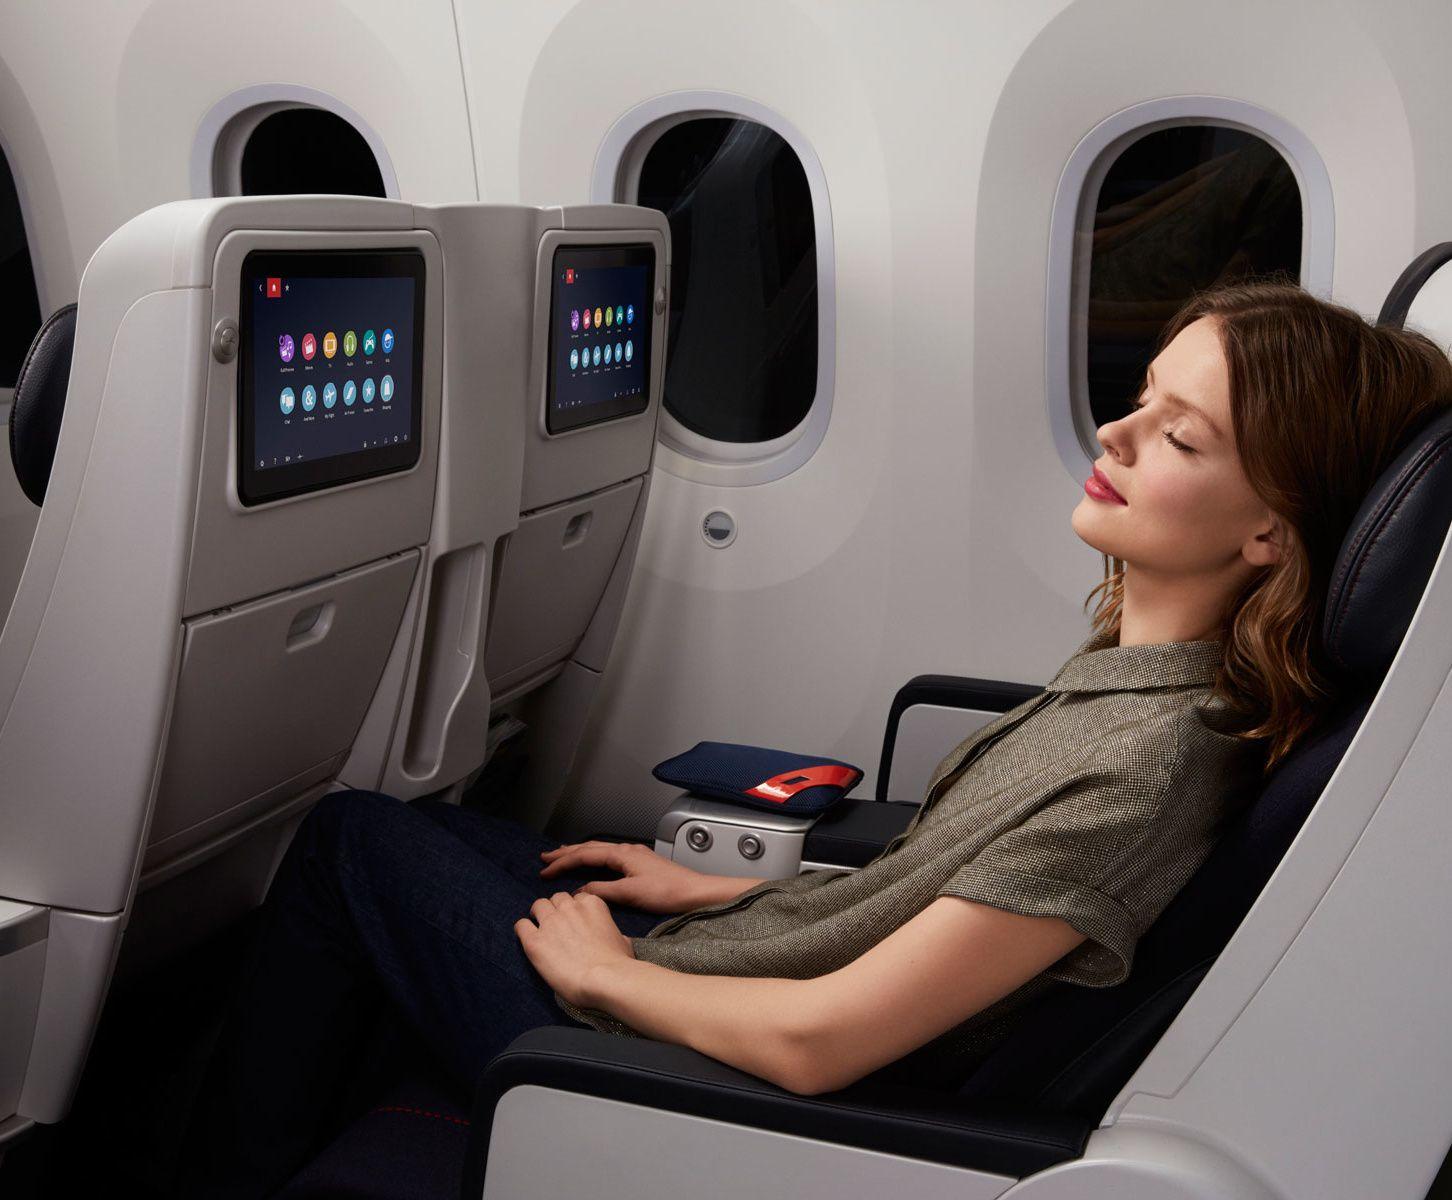 Premium Economy ¿merece la pena pagar por volar mejor? en